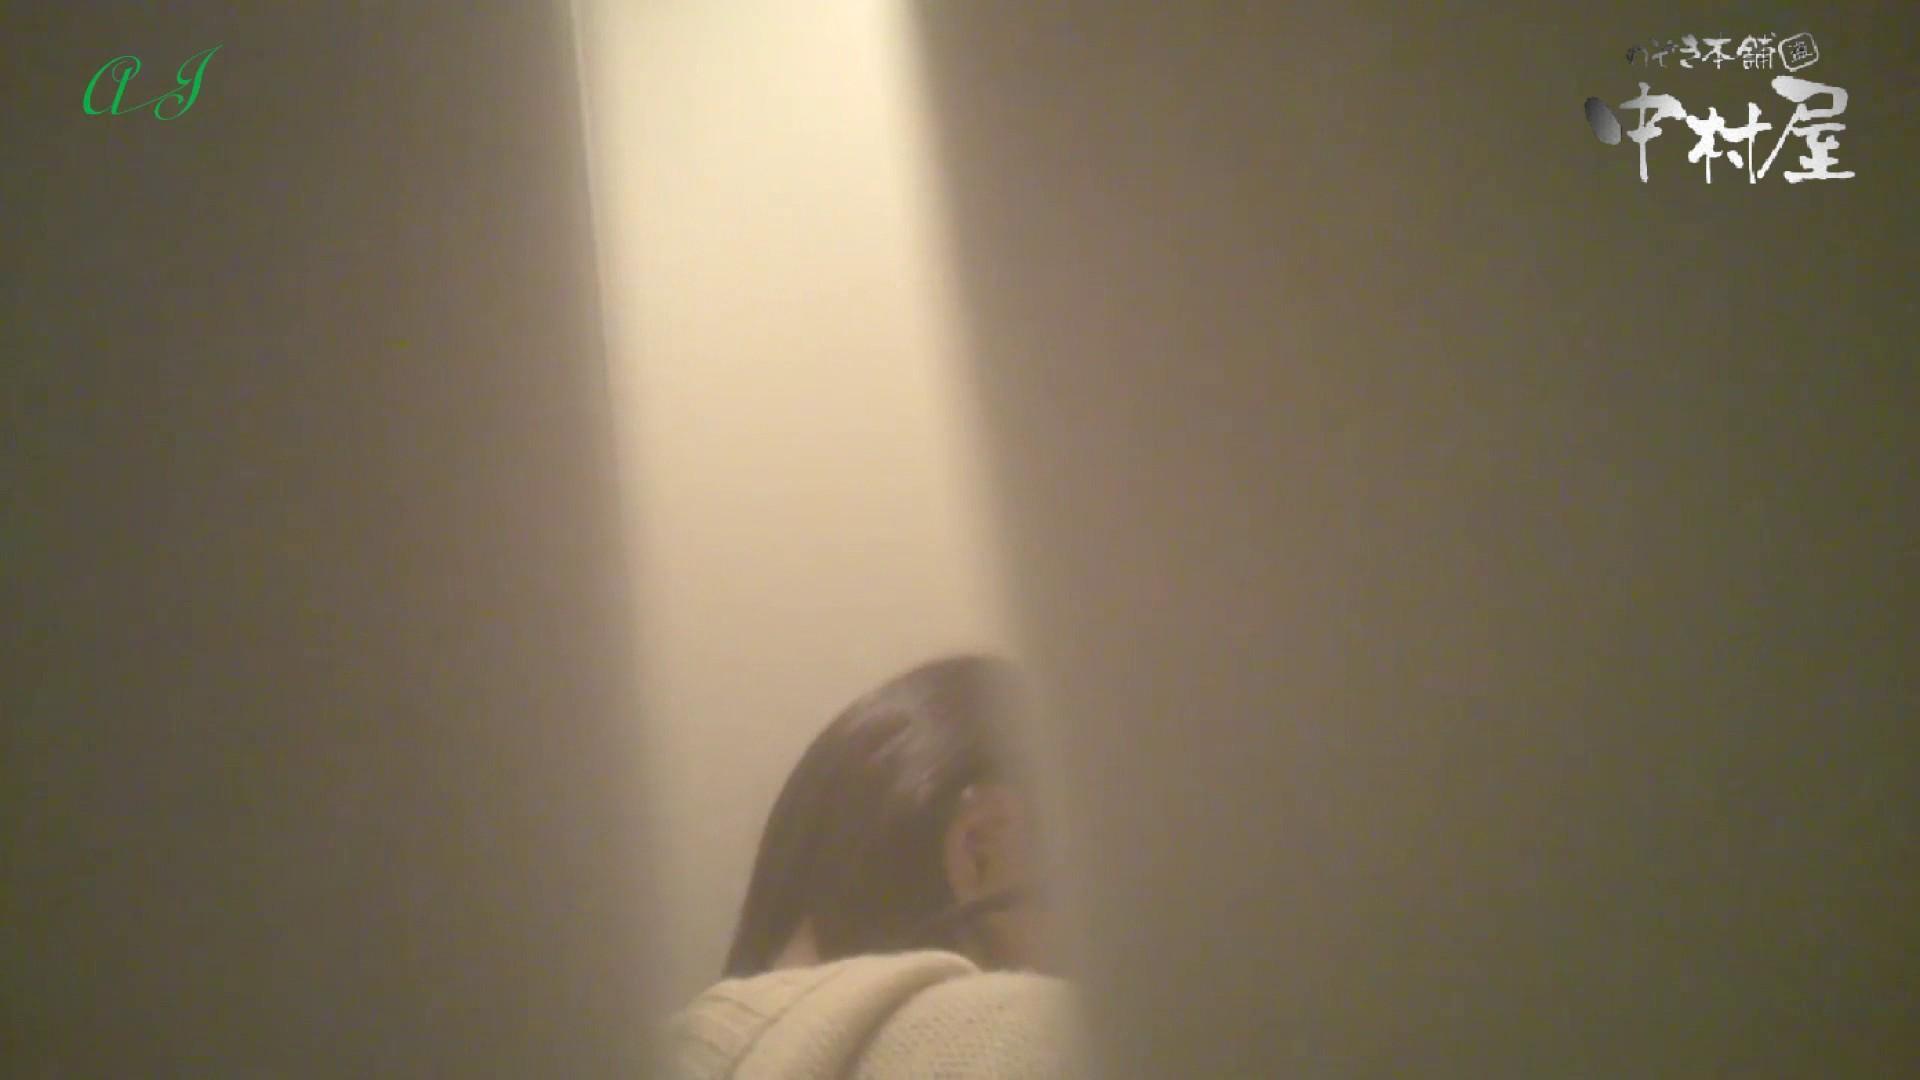 有名大学女性洗面所 vol.61 お久しぶりです。美しい物を美しく撮れました 潜入突撃 セックス無修正動画無料 75pic 2